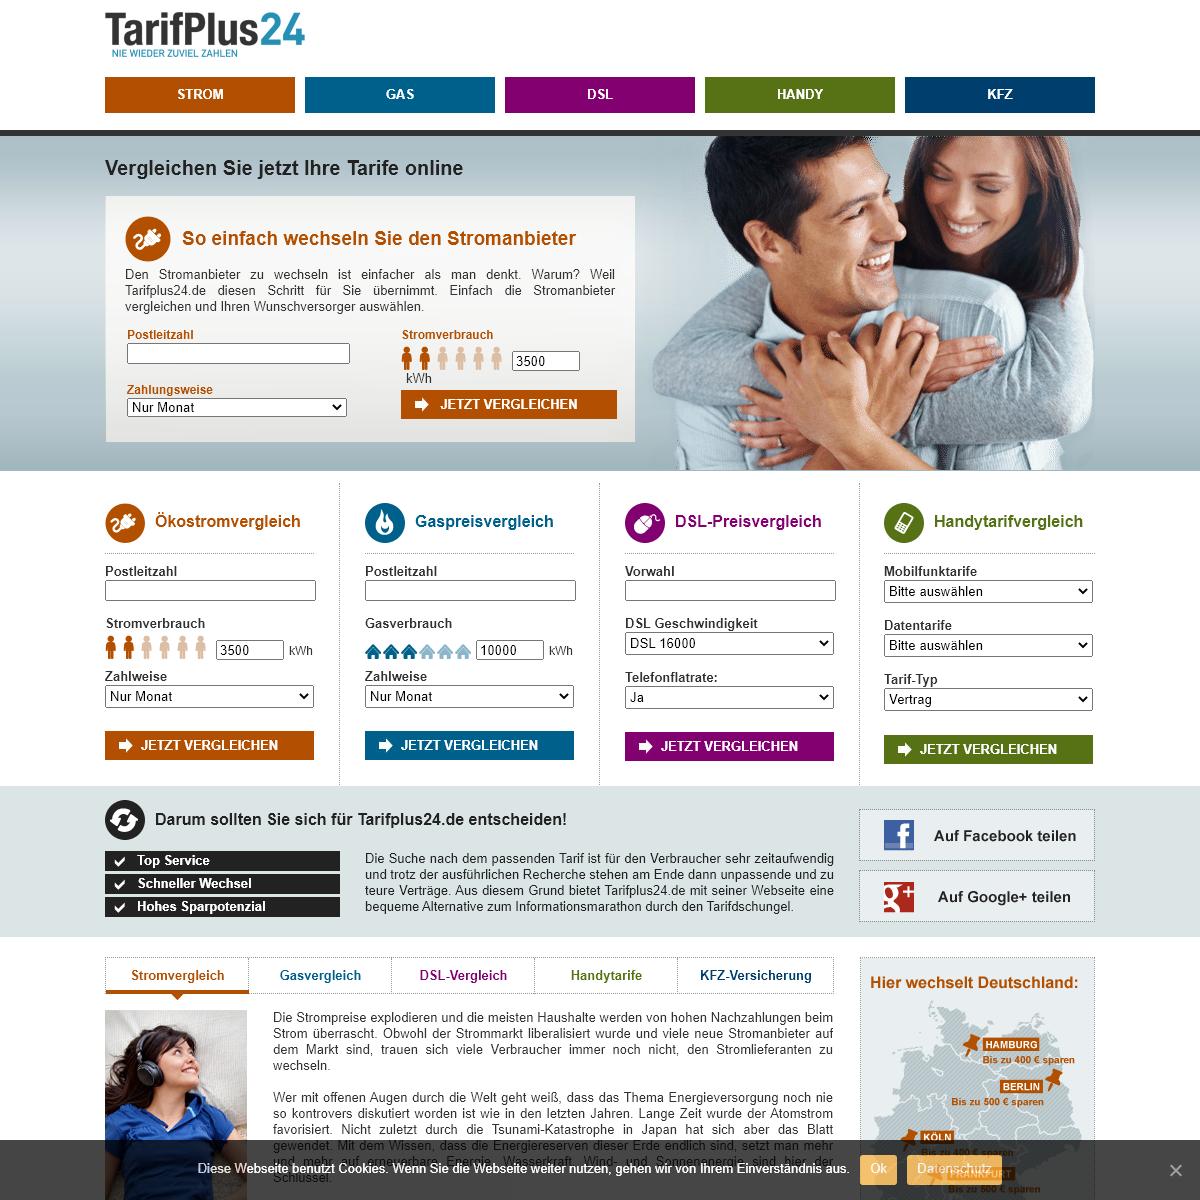 Tarifplus24.de vergleicht Strom, Gas, Handy, DSL und Kfz-Tarife